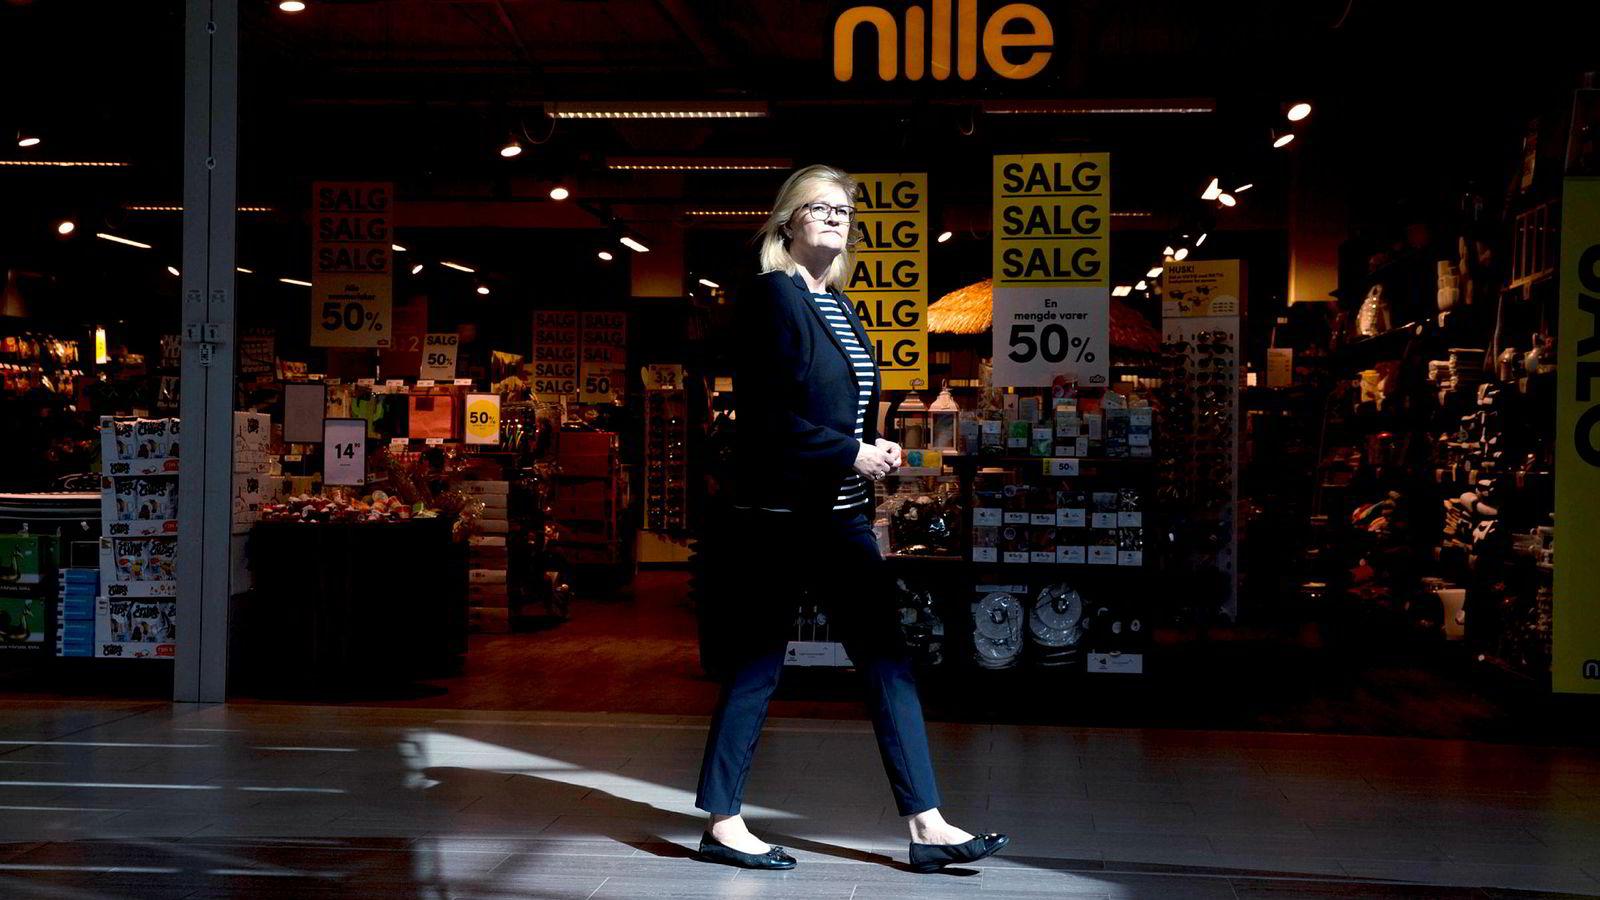 Toppsjef Kjersti Hobøl i Nille kjemper for overlevelse i et marked preget av tøff konkurranse.